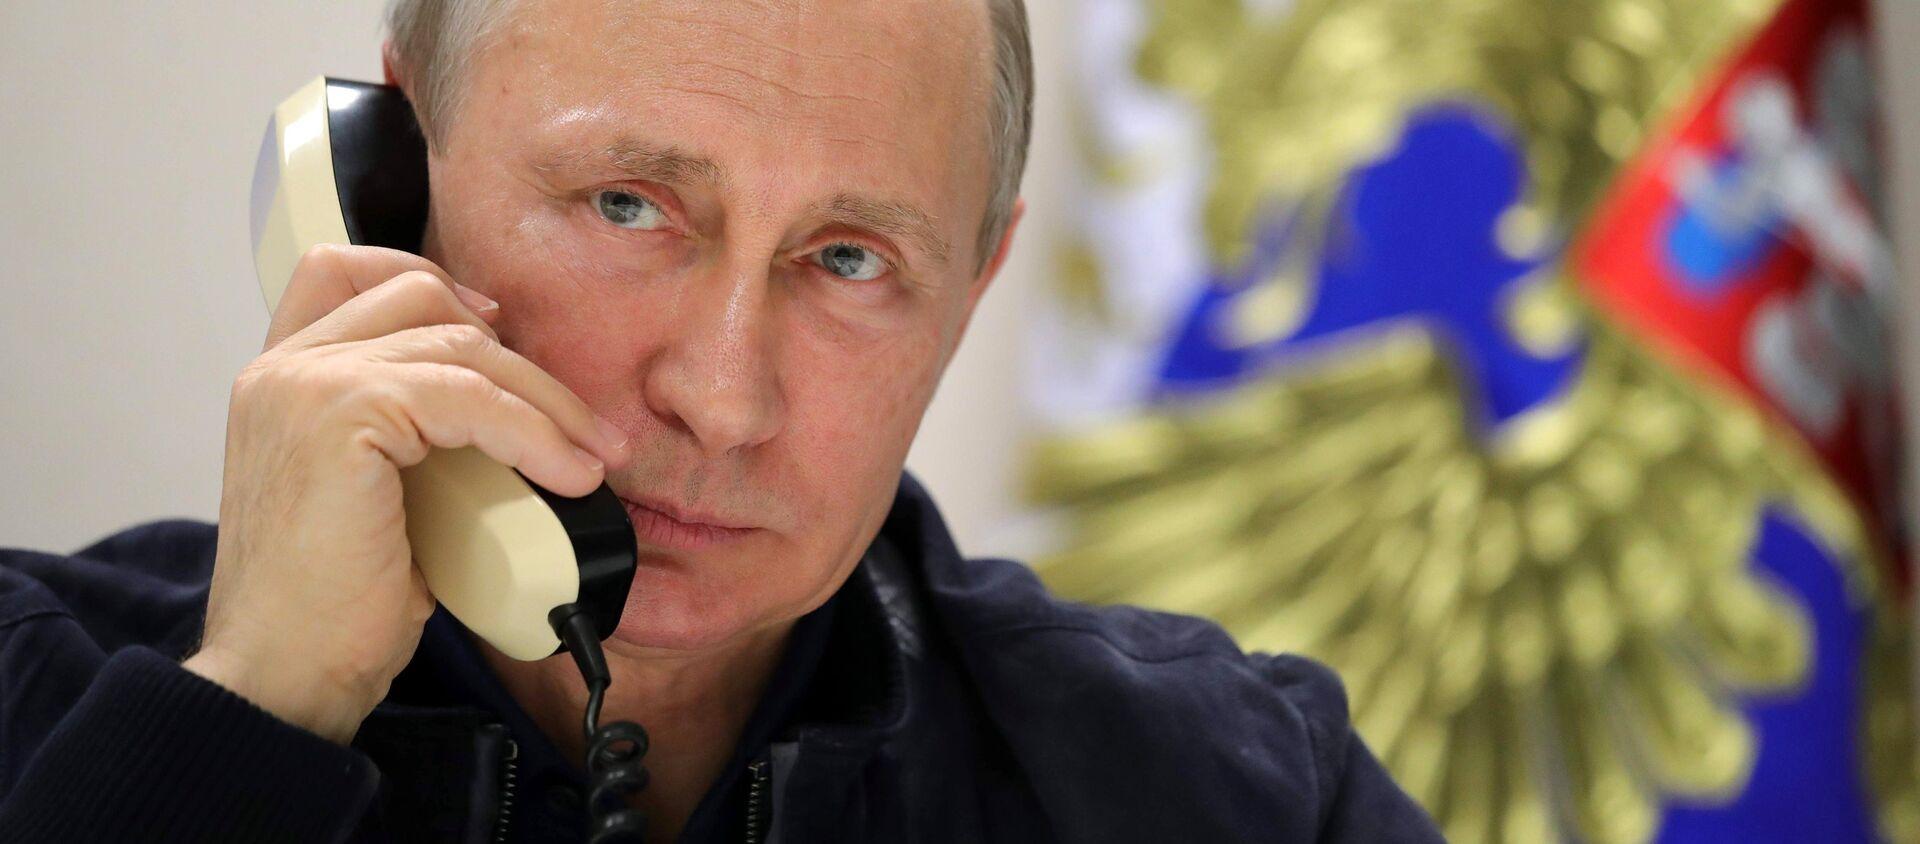 Vladímir Putin, presidente de Rusia, habla por teléfono (archivo) - Sputnik Mundo, 1920, 27.09.2019